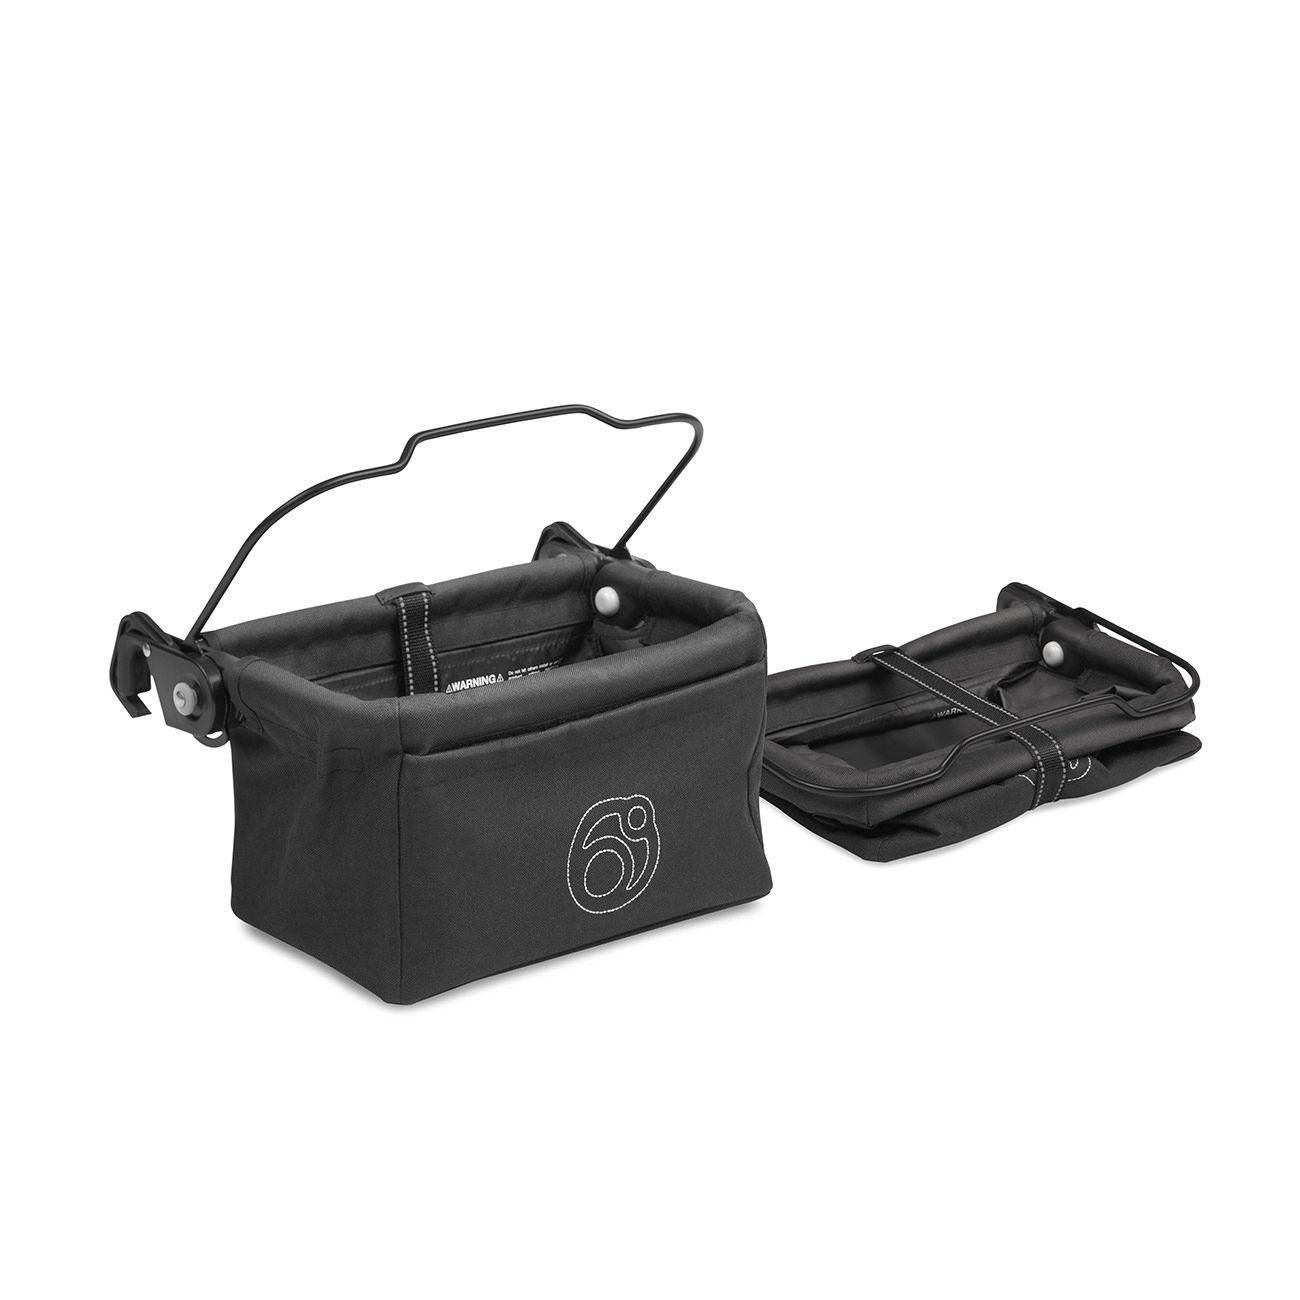 Orbit Baby G2 or G3 Stroller - Panniers (pair) Side Storage Bag